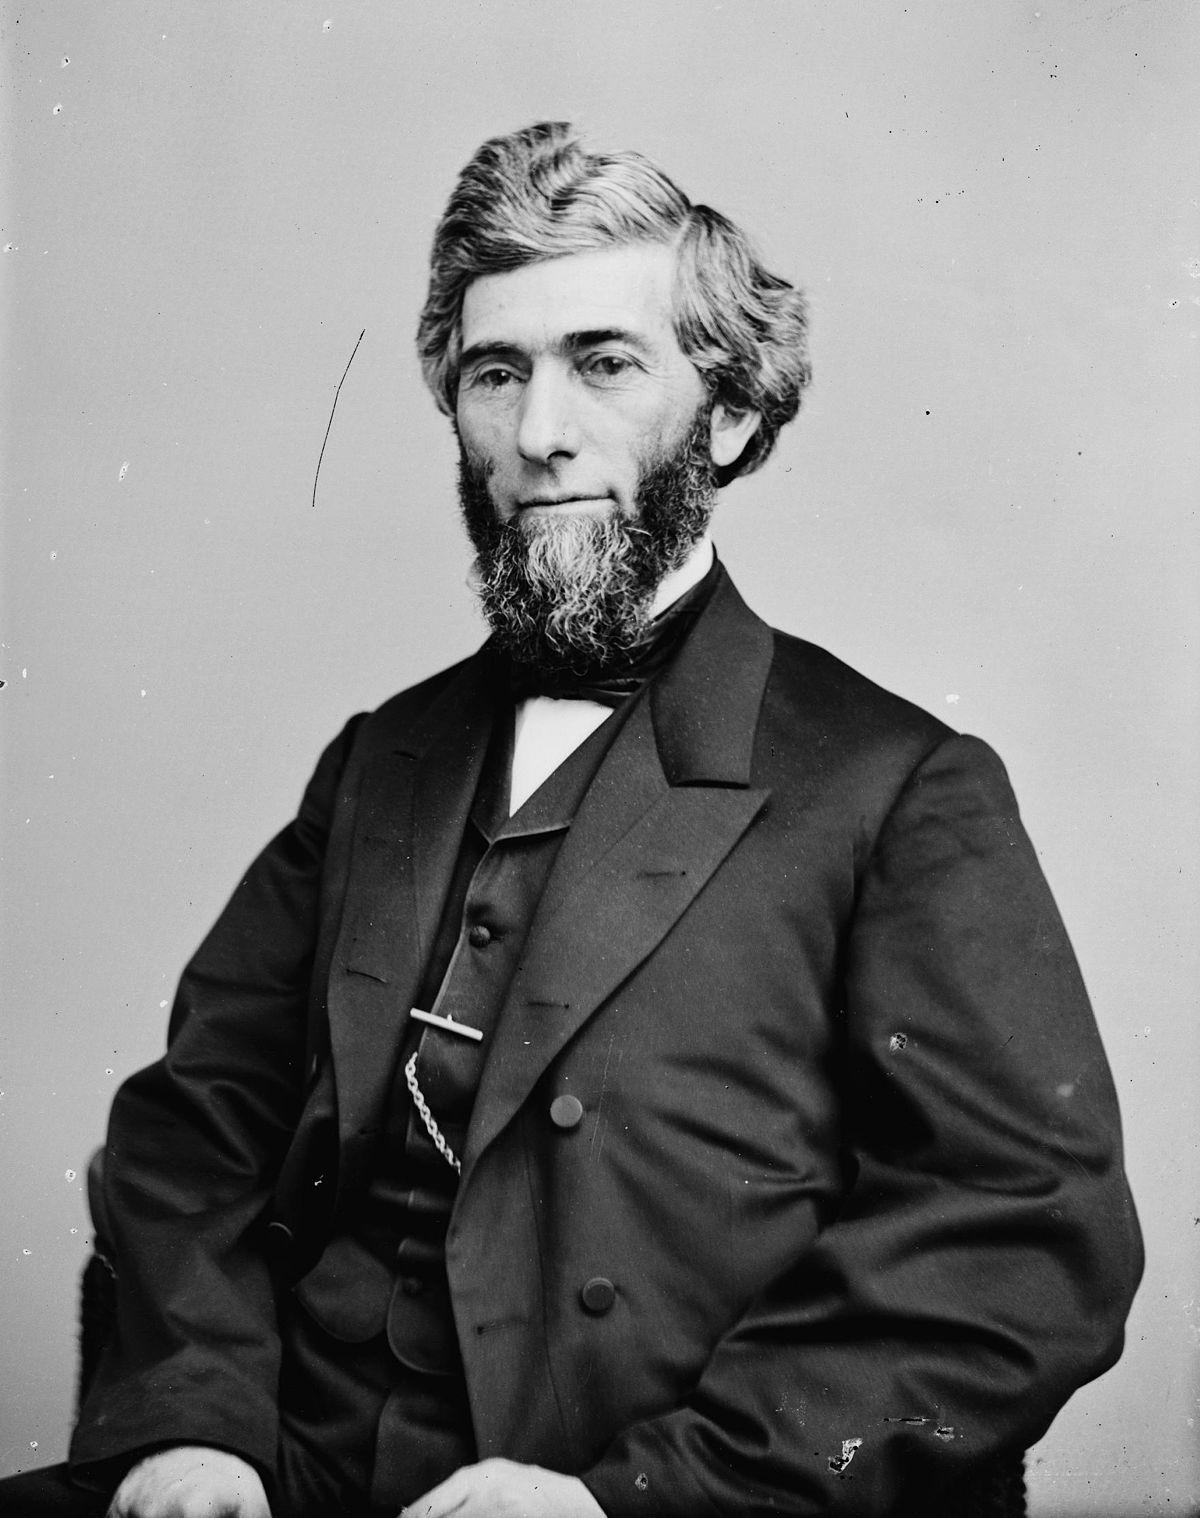 Reuben Fenton Wikipedia